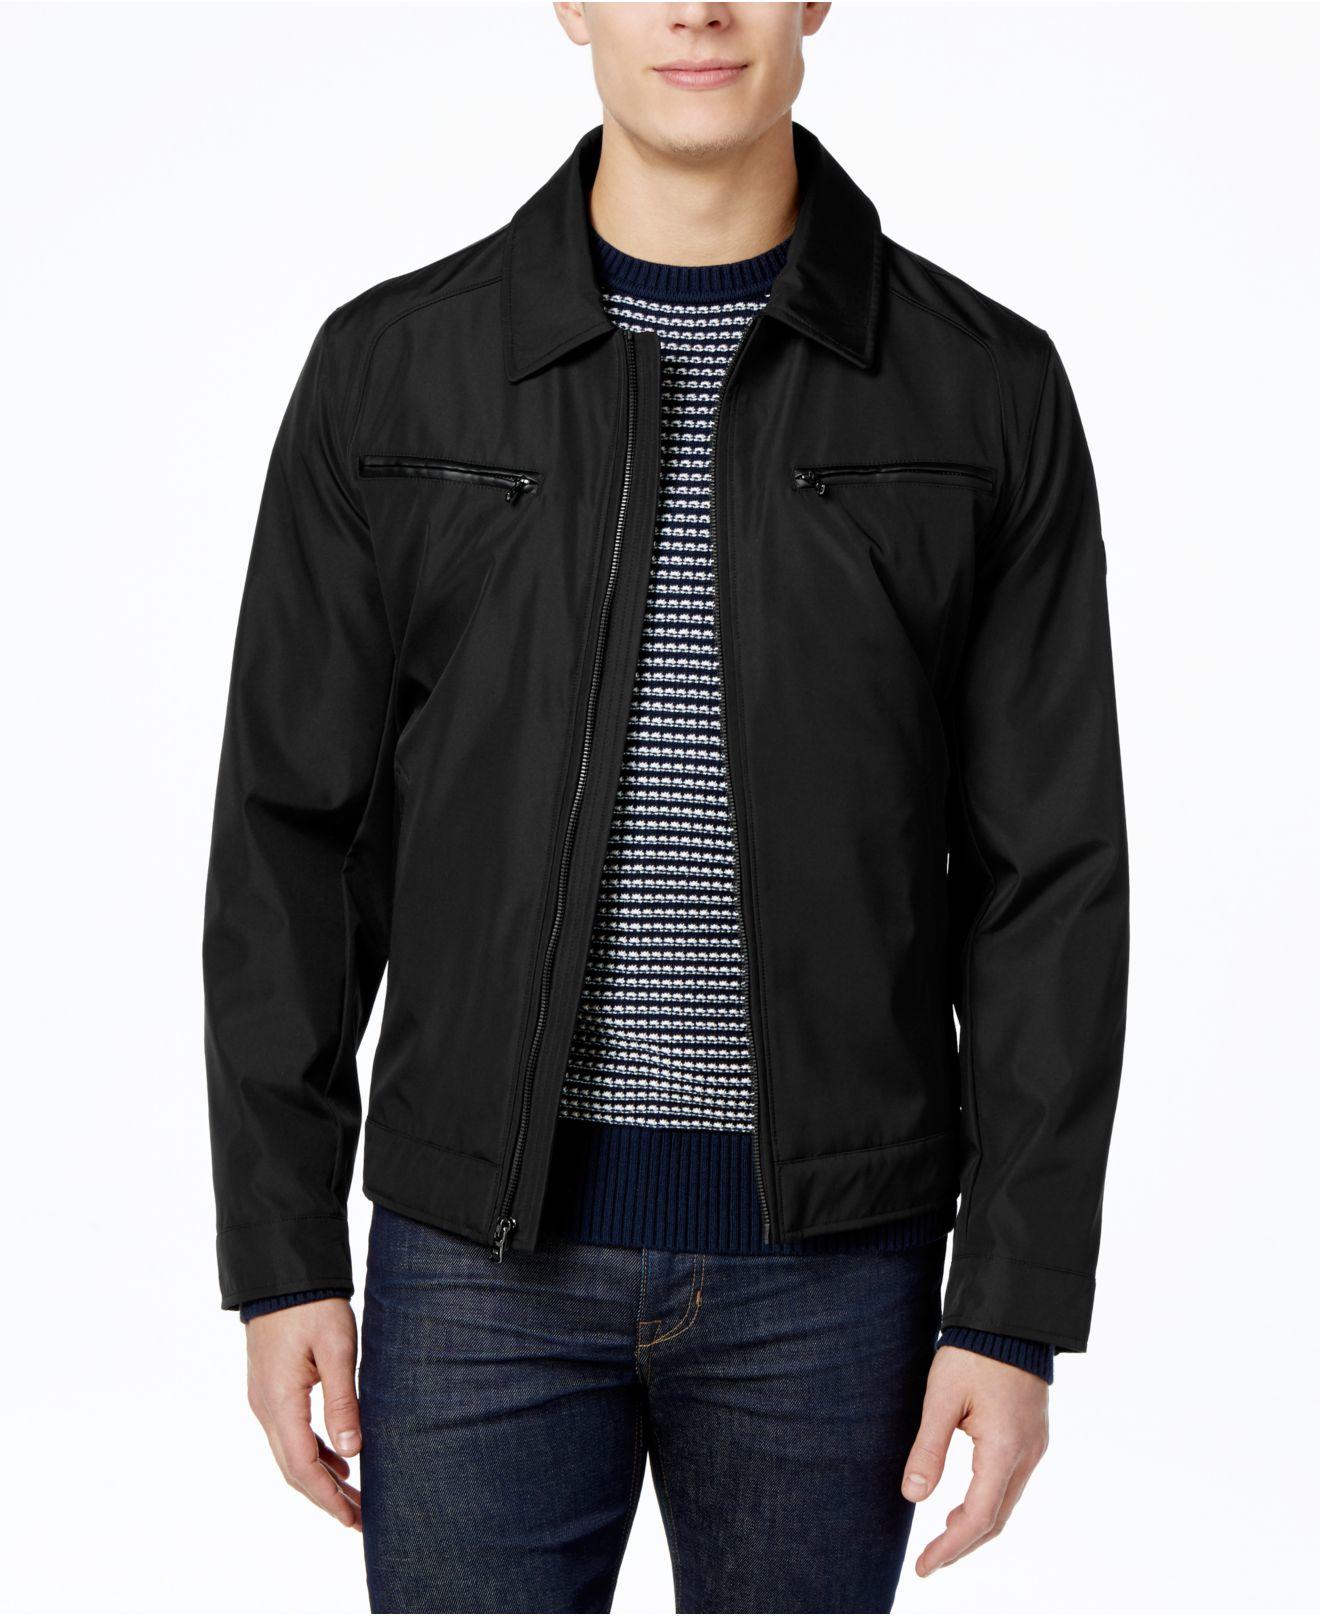 michael kors hipster shell jacket in black for men lyst. Black Bedroom Furniture Sets. Home Design Ideas